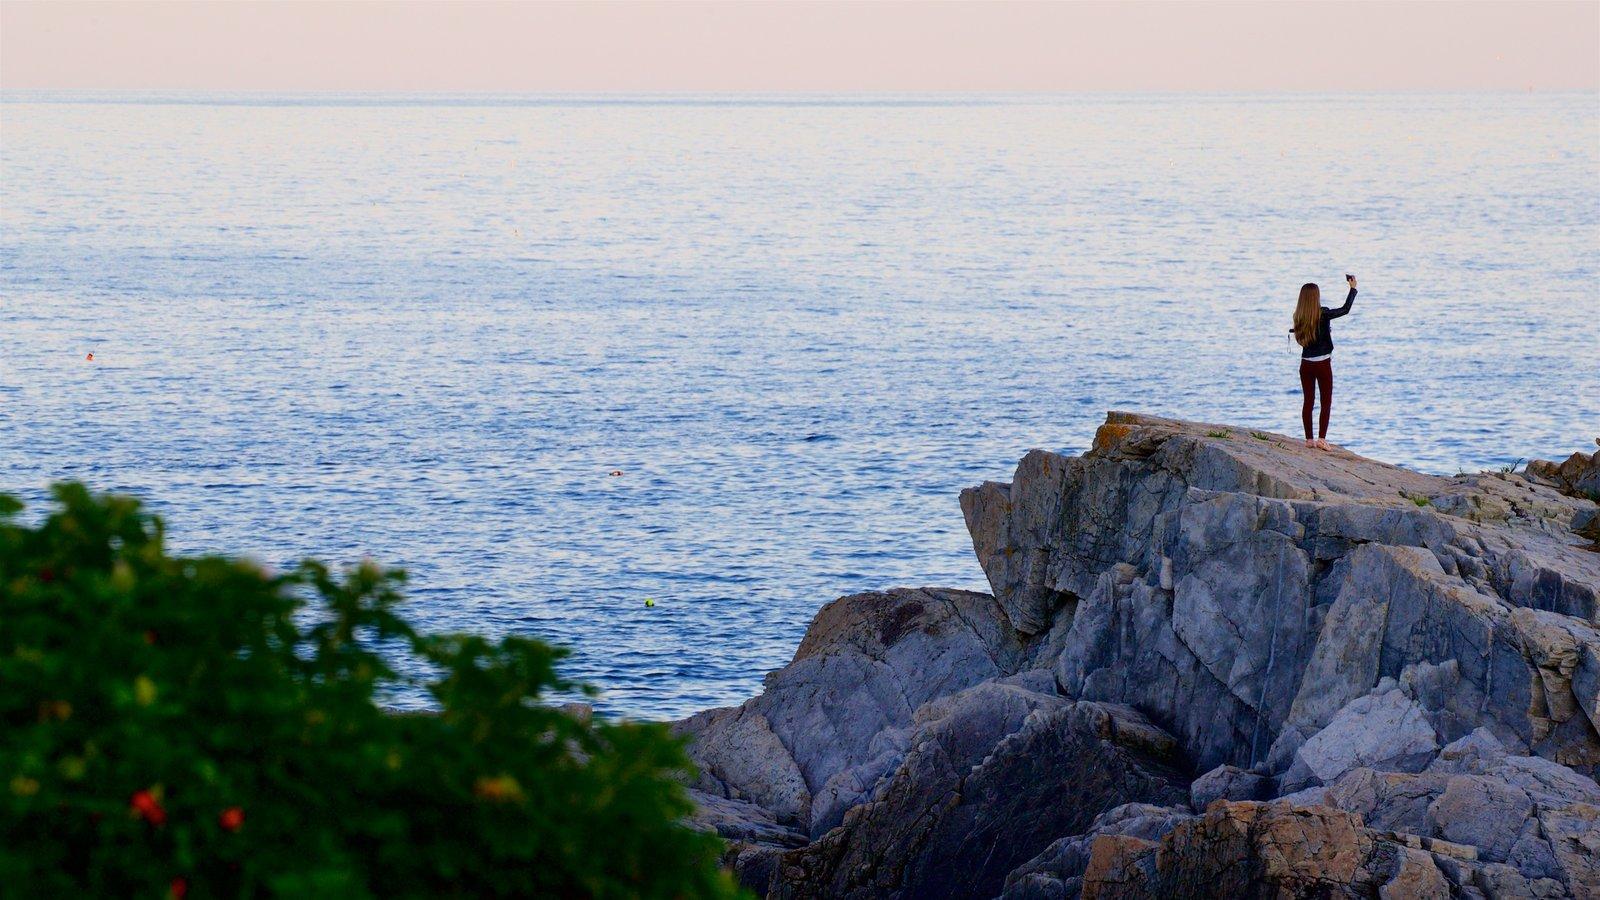 Fort Williams Park mostrando litoral acidentado e paisagens litorâneas assim como uma mulher sozinha